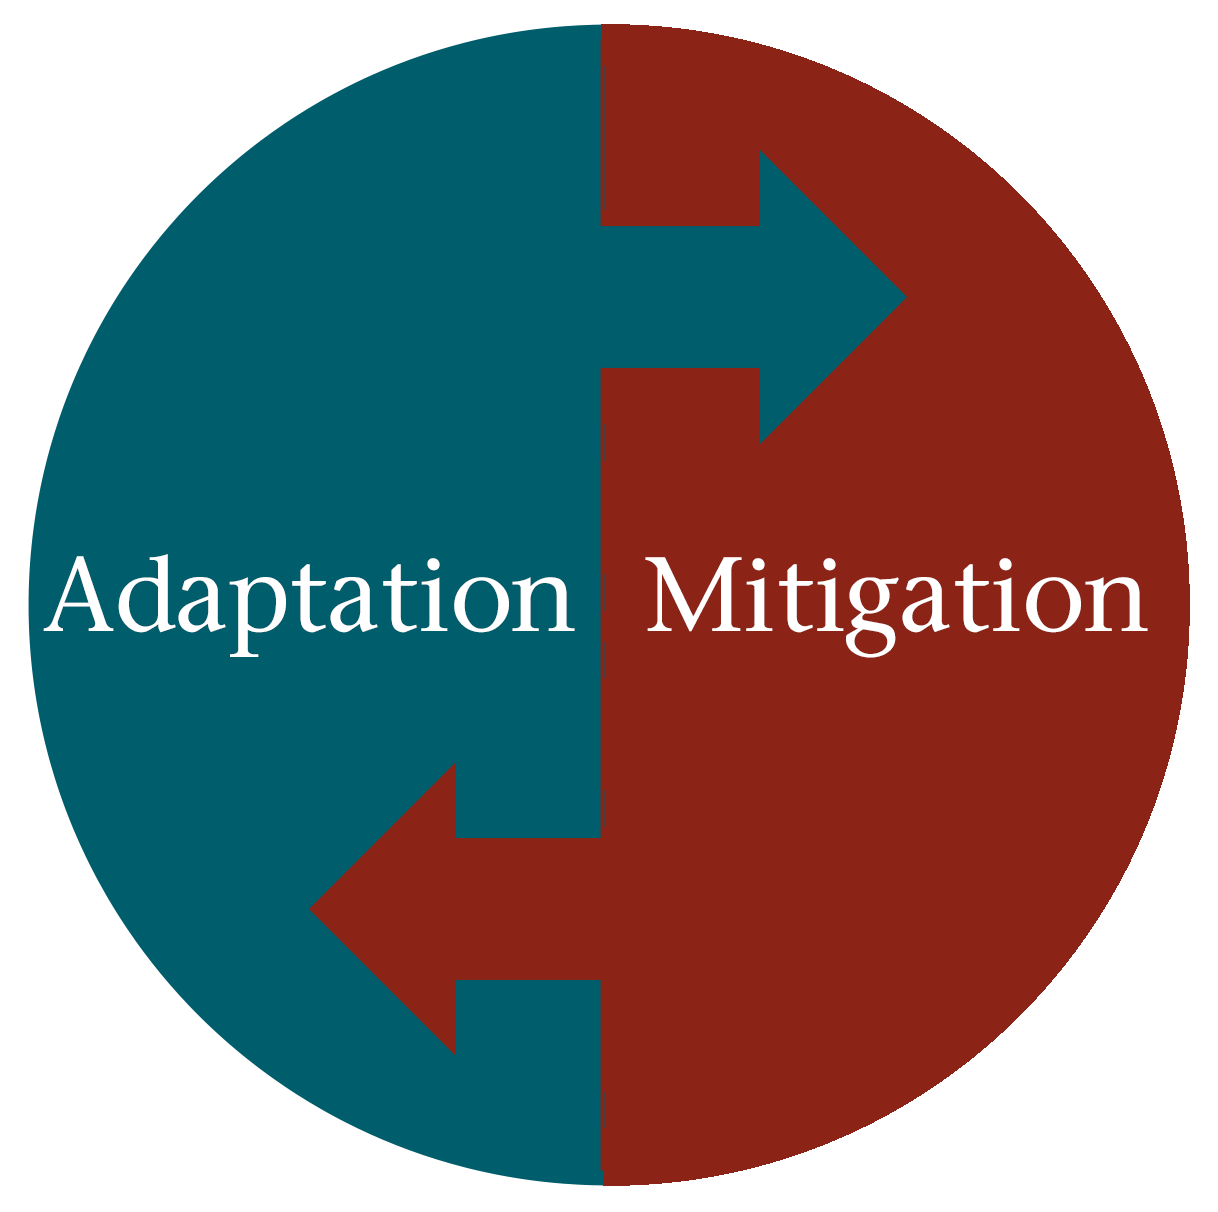 mitigation adaptation circle